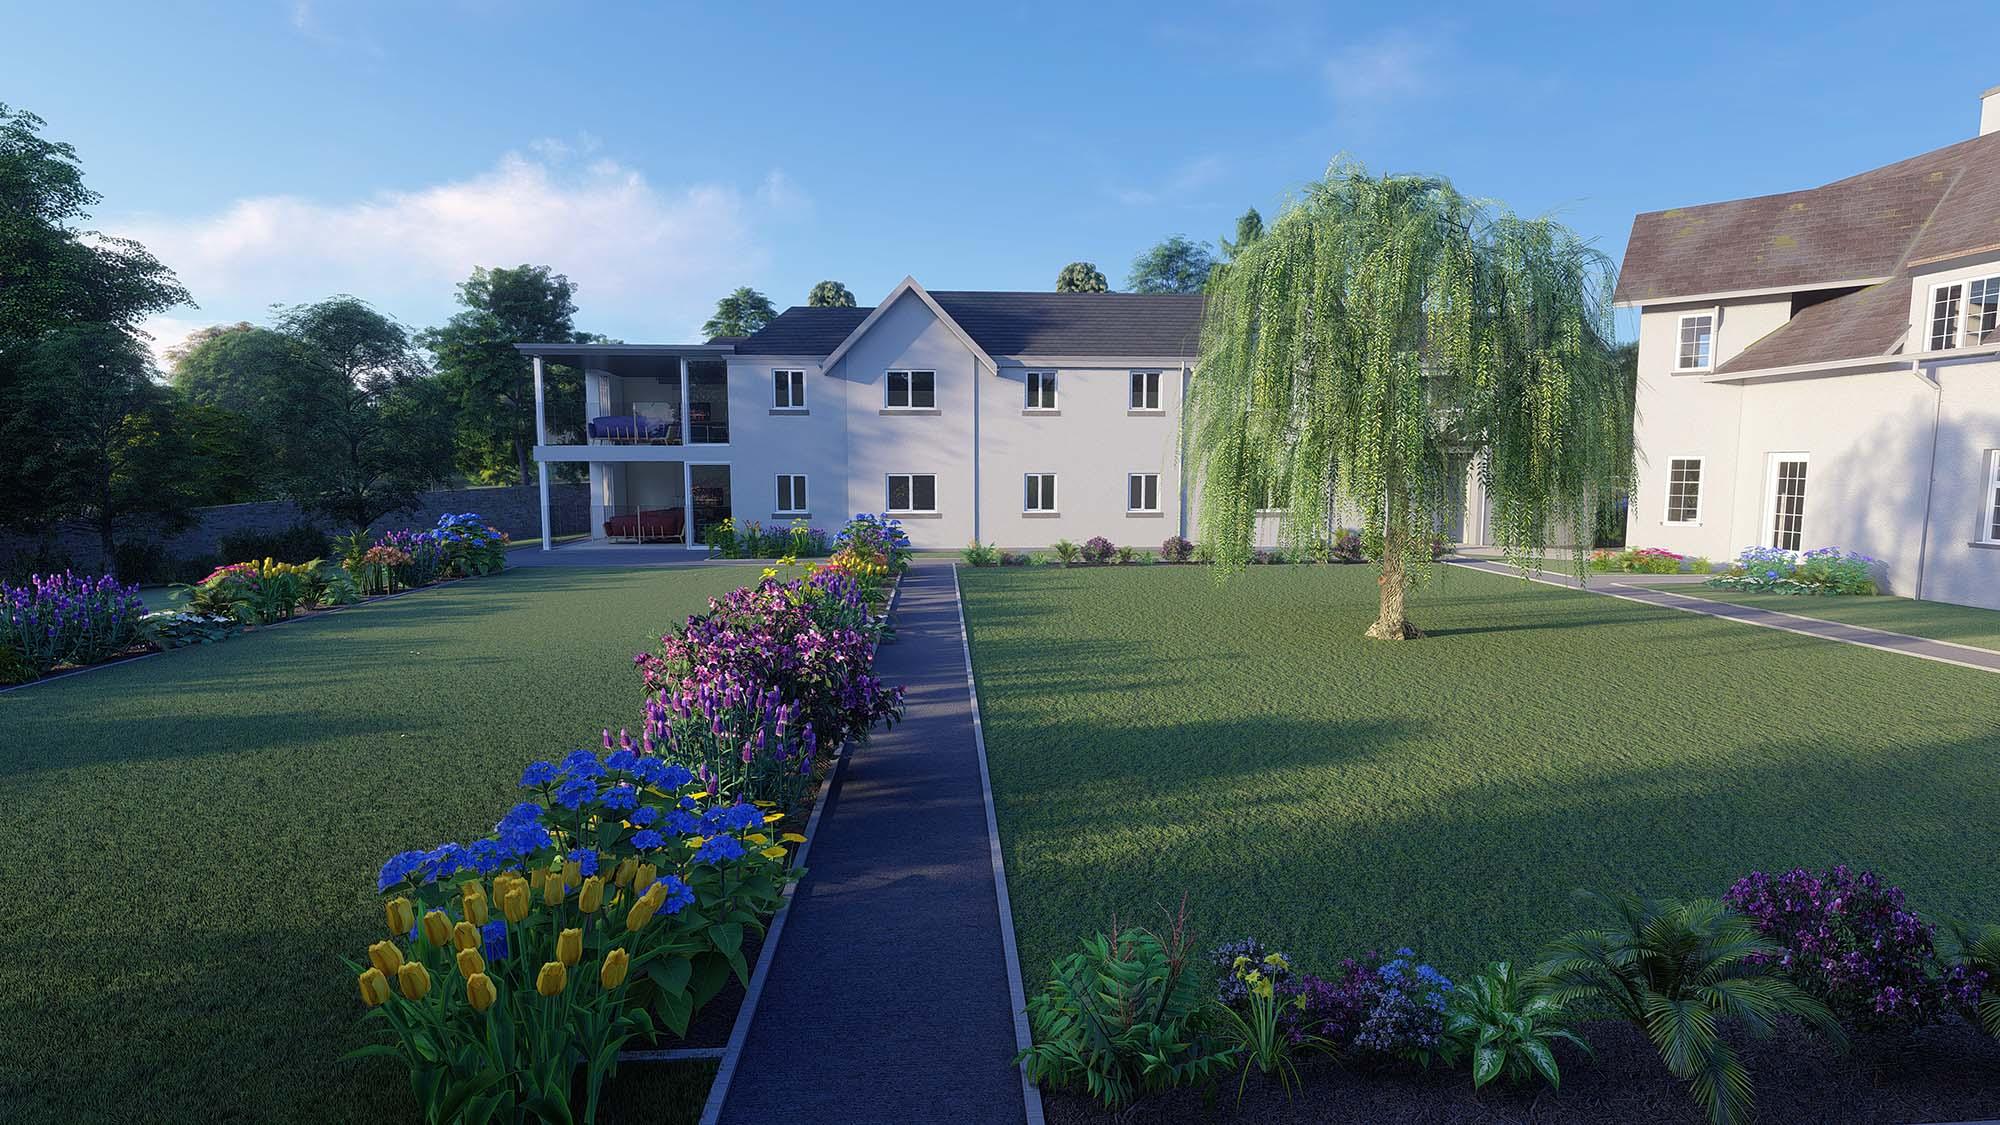 Hepburn Gardens